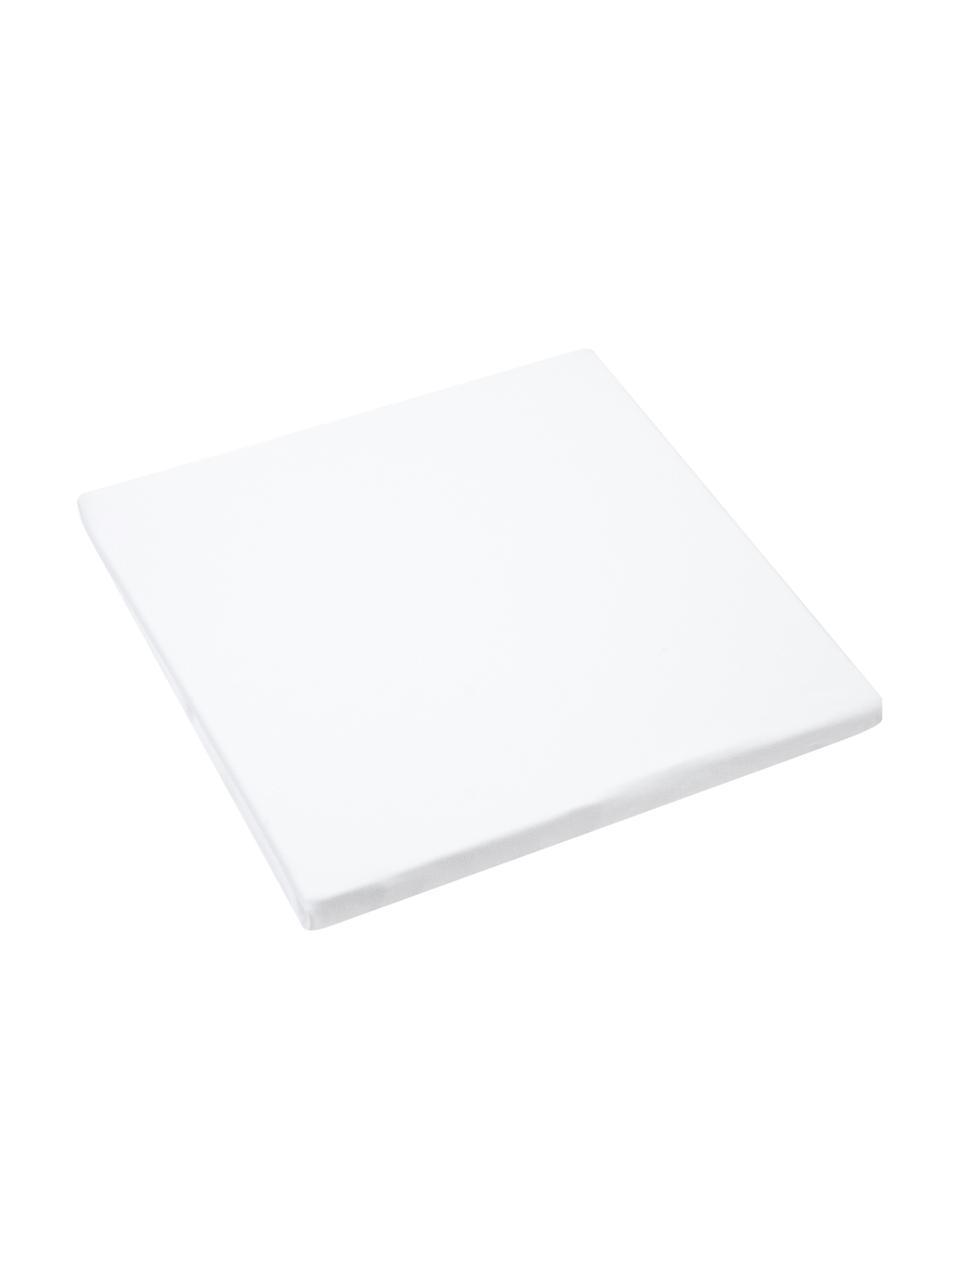 Boxspring-Spannbettlaken Lara in Weiß, Jersey-Elasthan, 95% Baumwolle, 5% Elasthan, Weiß, 180 x 200 cm